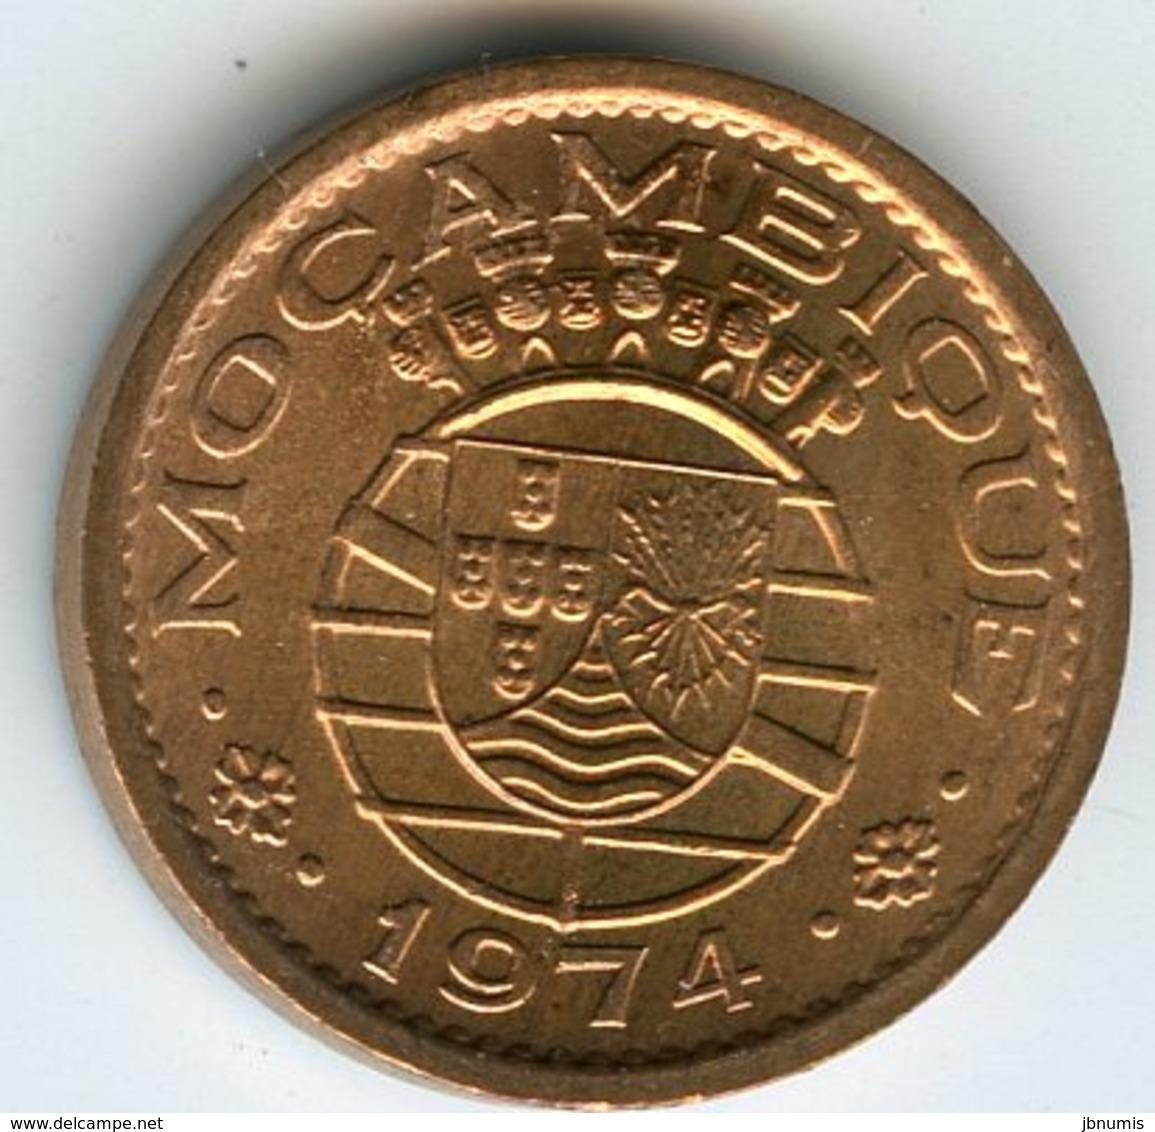 Mozambique 20 Centavos 1974 UNC KM 88 - Mozambique